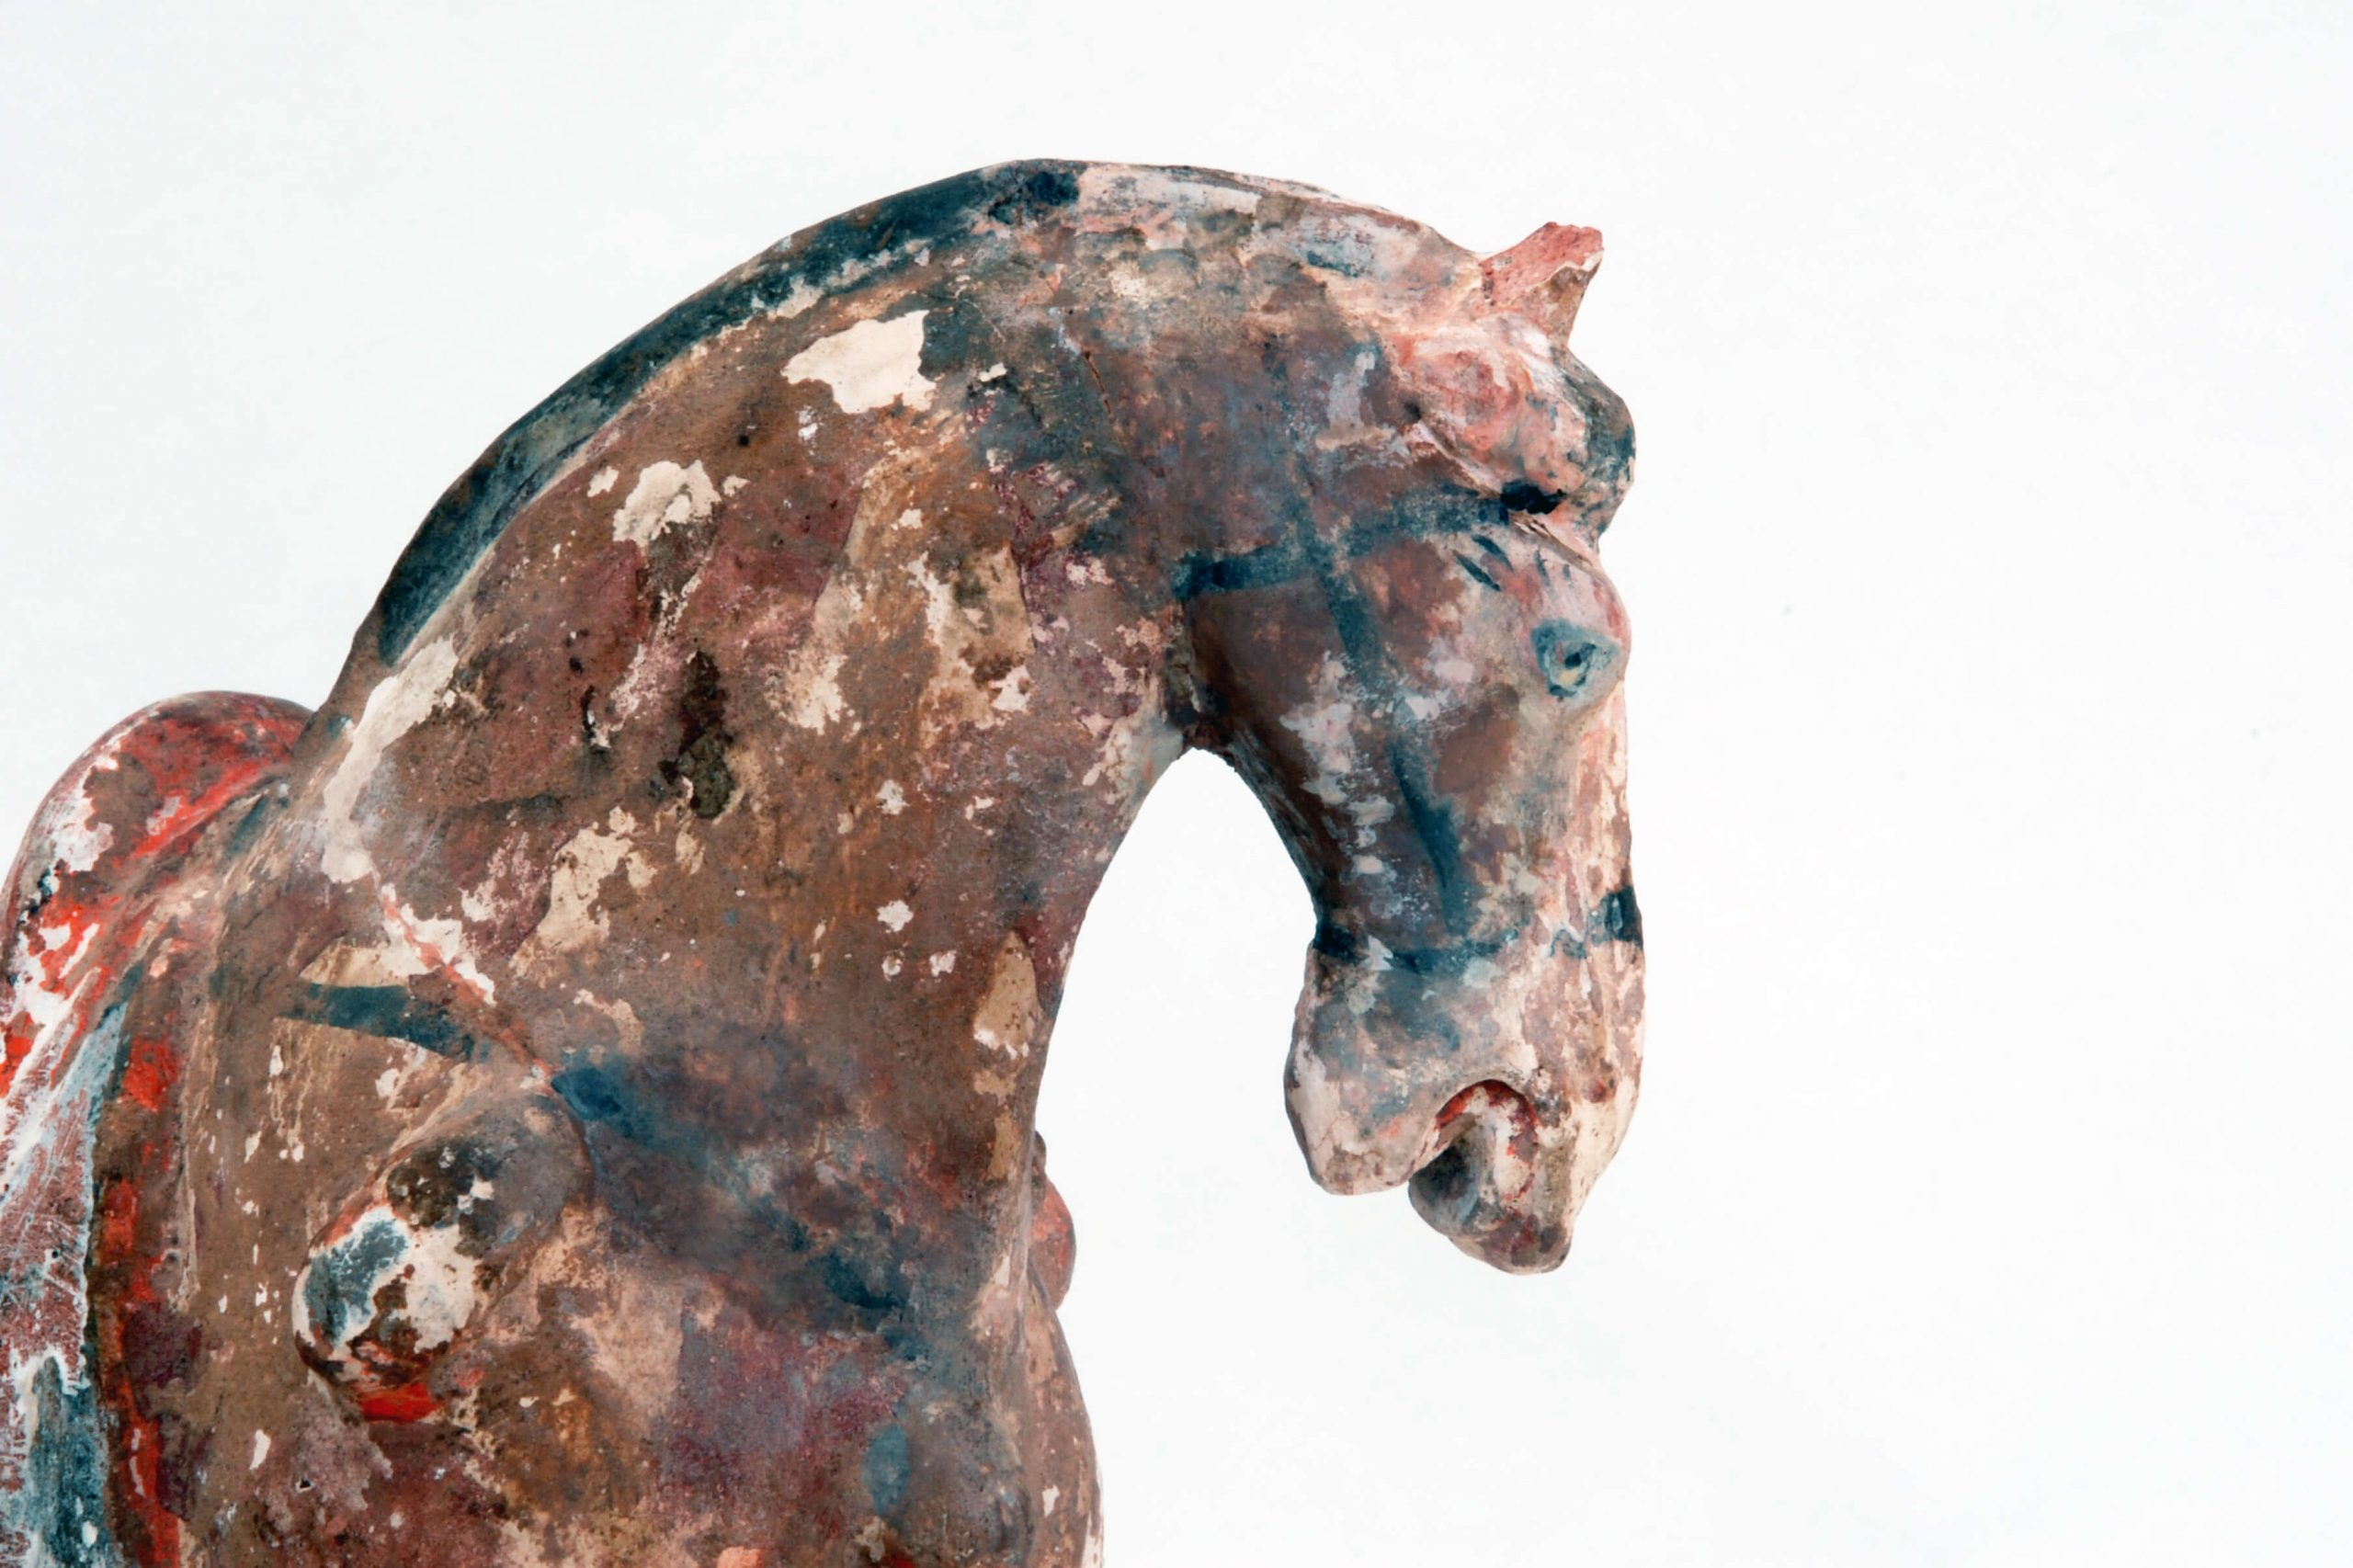 Tchangský osedlaný kůň